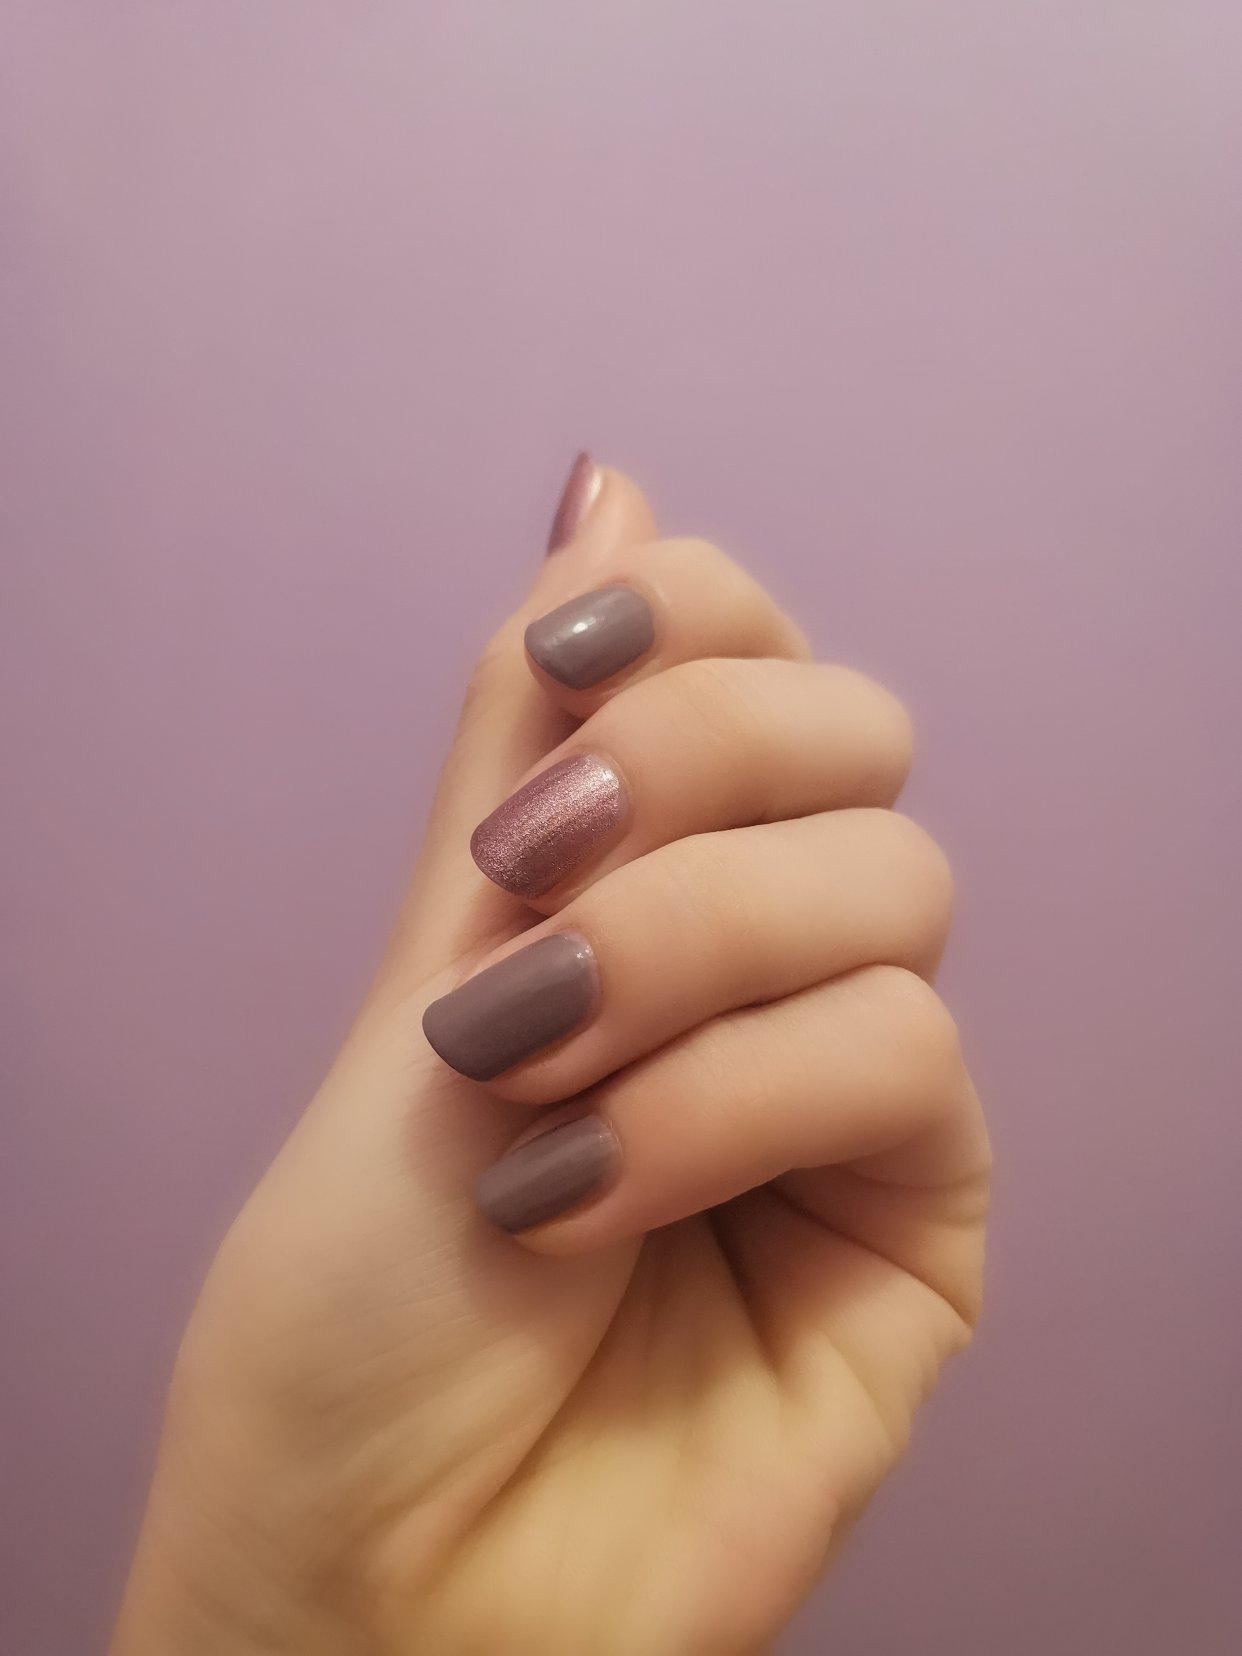 用kiko1欧的指甲油做的暖暖紫色指甲